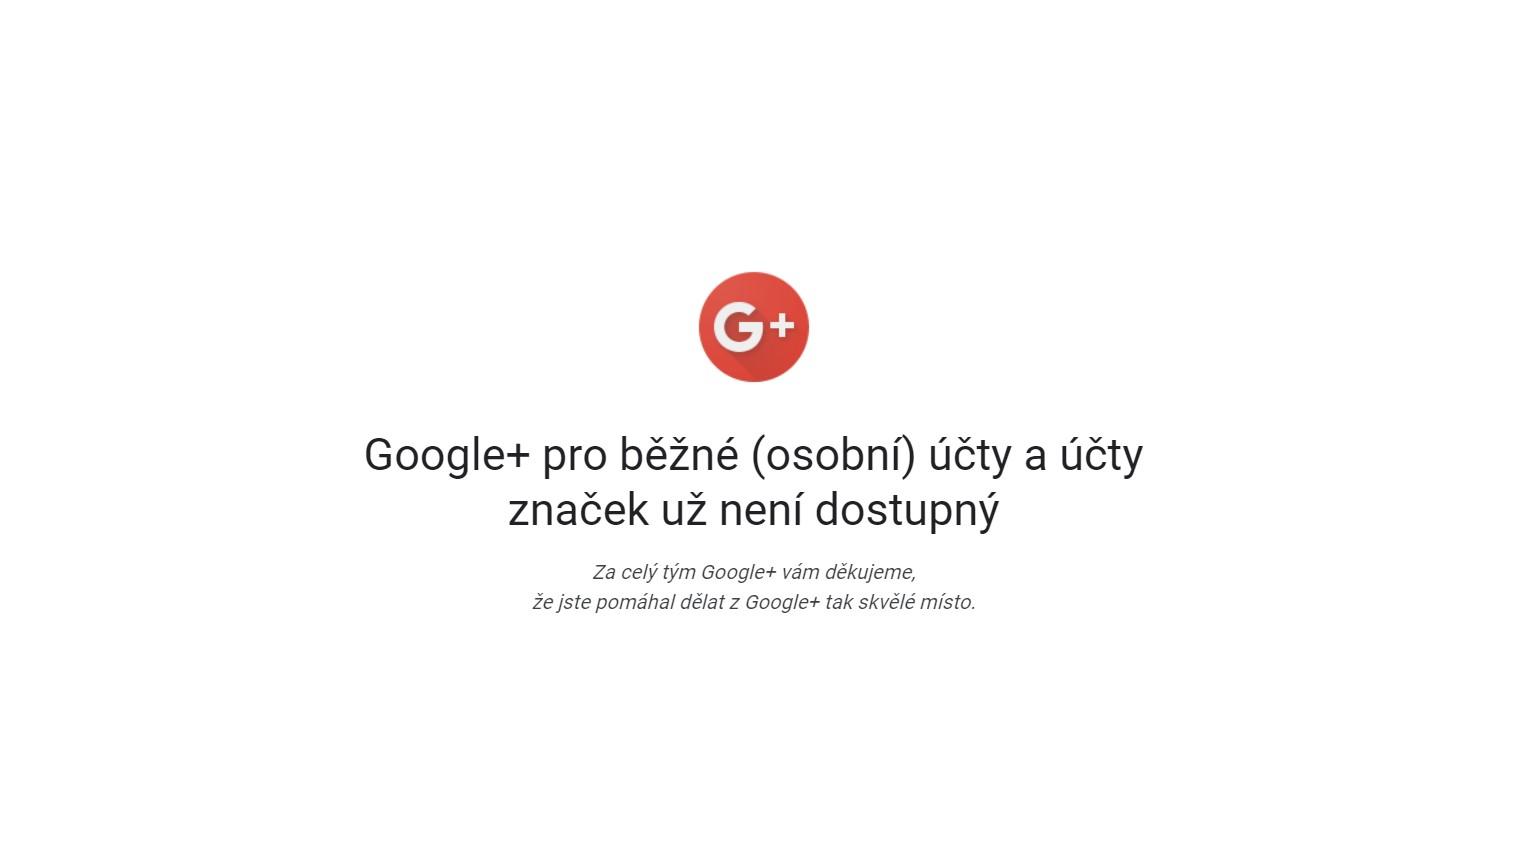 Sociální síť Google+ umřela [aktualizováno]